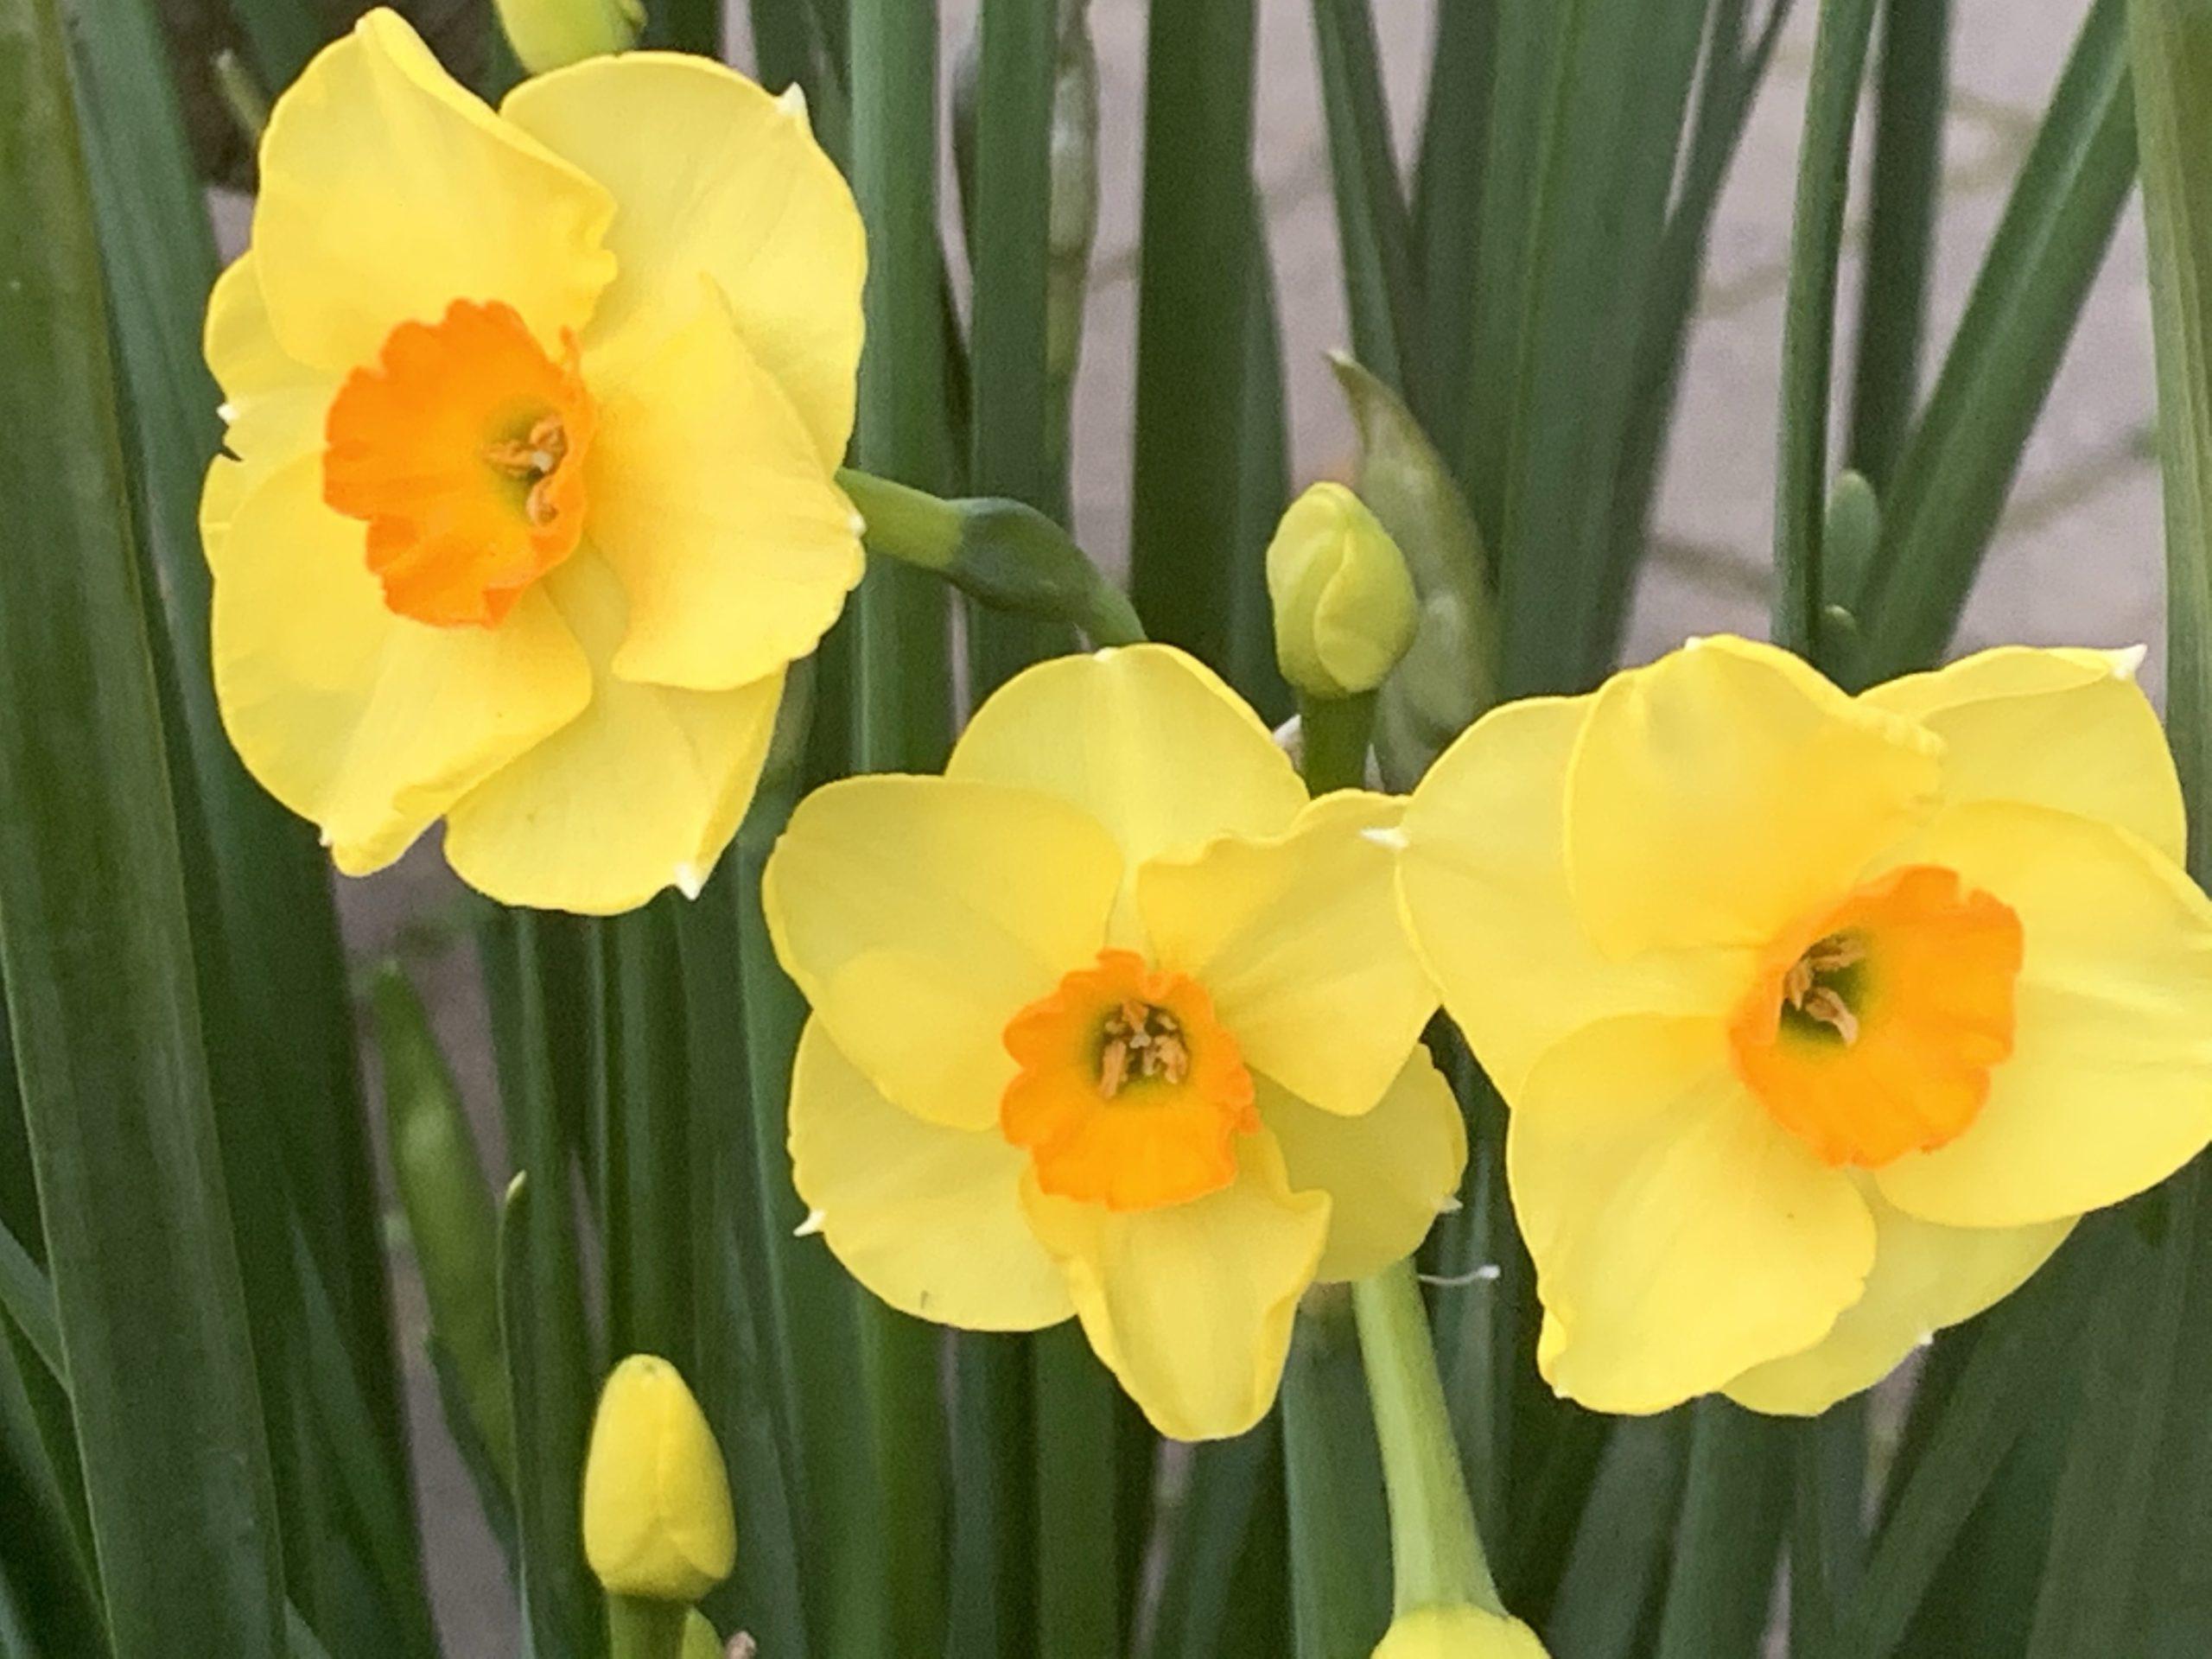 本日のブログは【3月に突入!春の訪れとコロナの行方…】です。